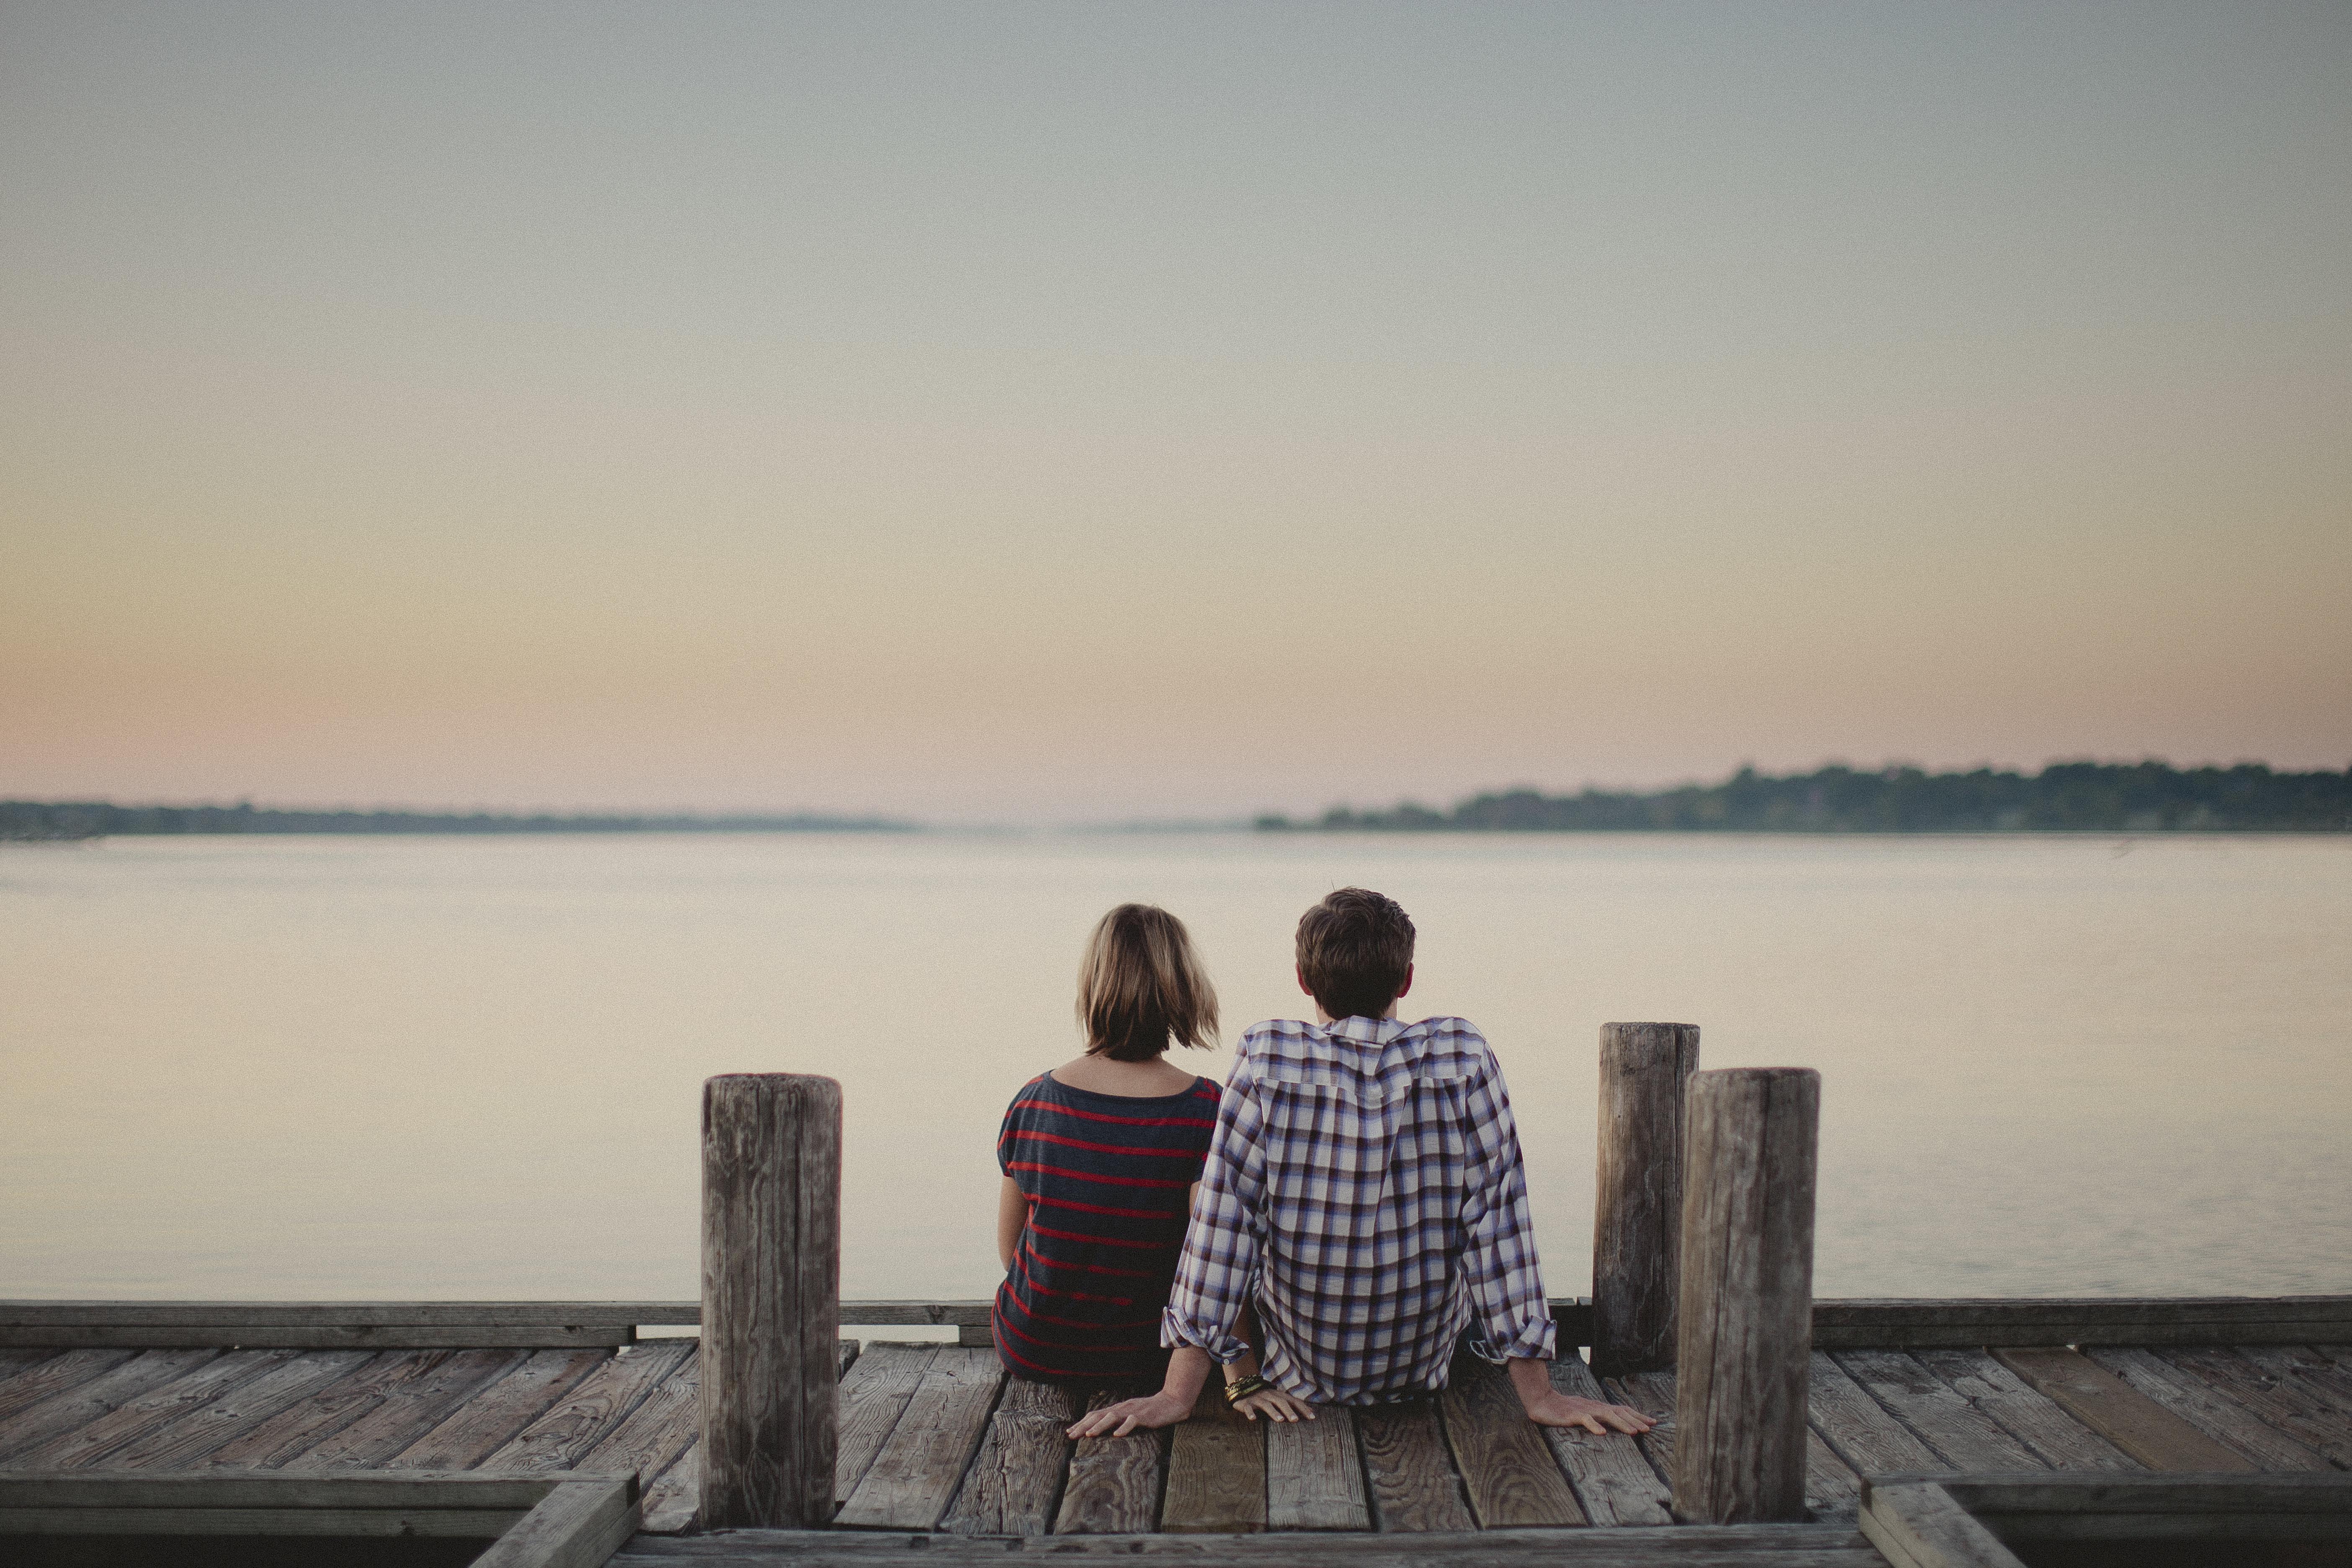 Matrimonio En Crisis Biblia : Las crisis que cada matrimonio debe atravesar coalición por el